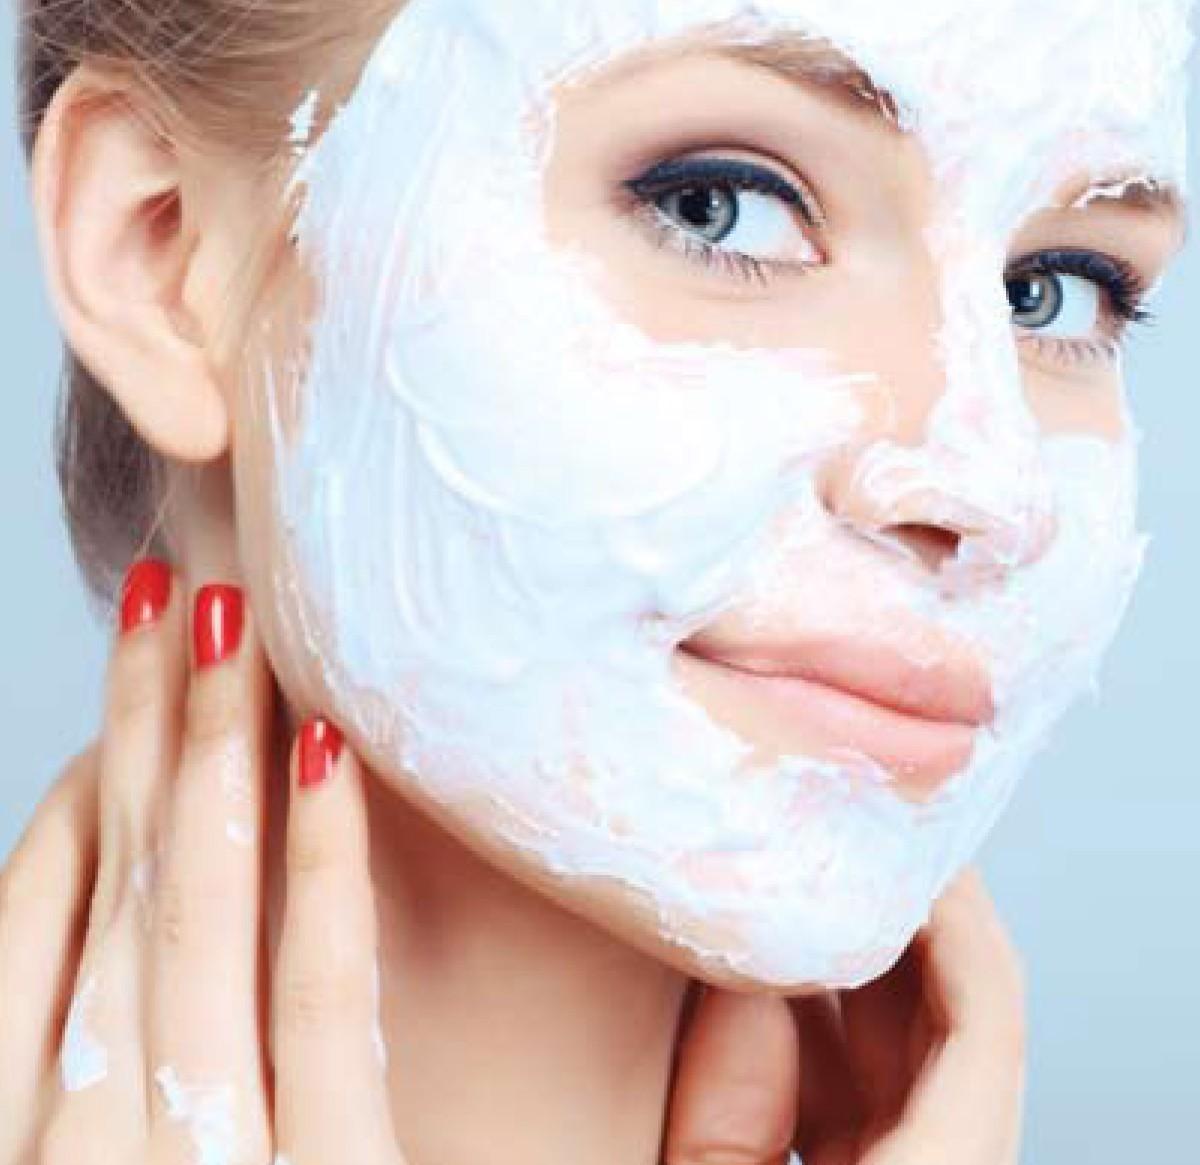 Cách sử dụng mặt nạ ngủ dưỡng ẩm và thanh lọc da Water Sleeping Mask